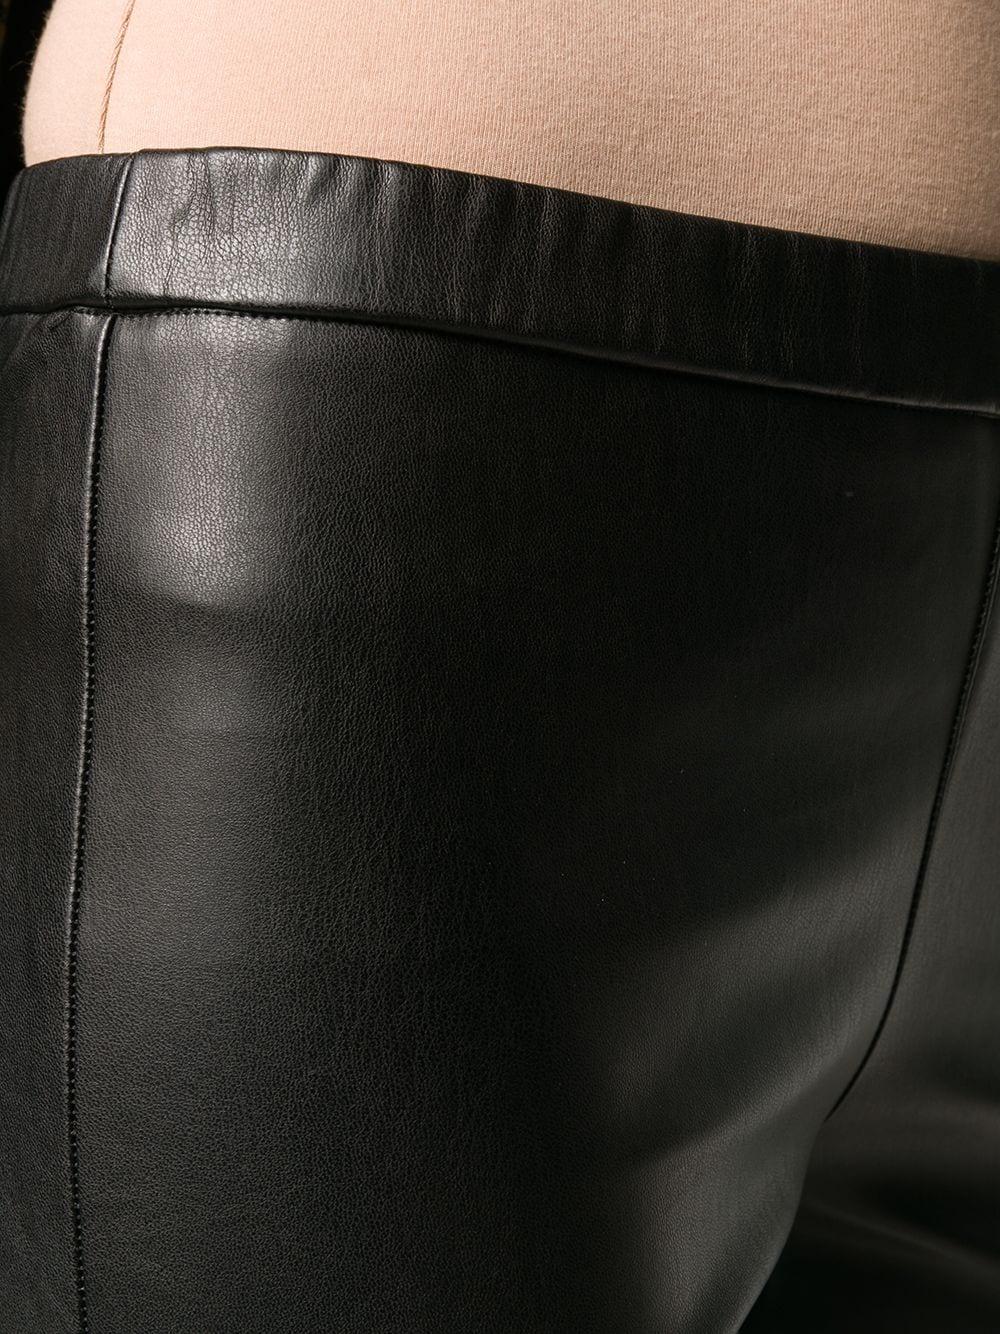 Picture of Michael Kors | Dnm Faux Lthr Legging